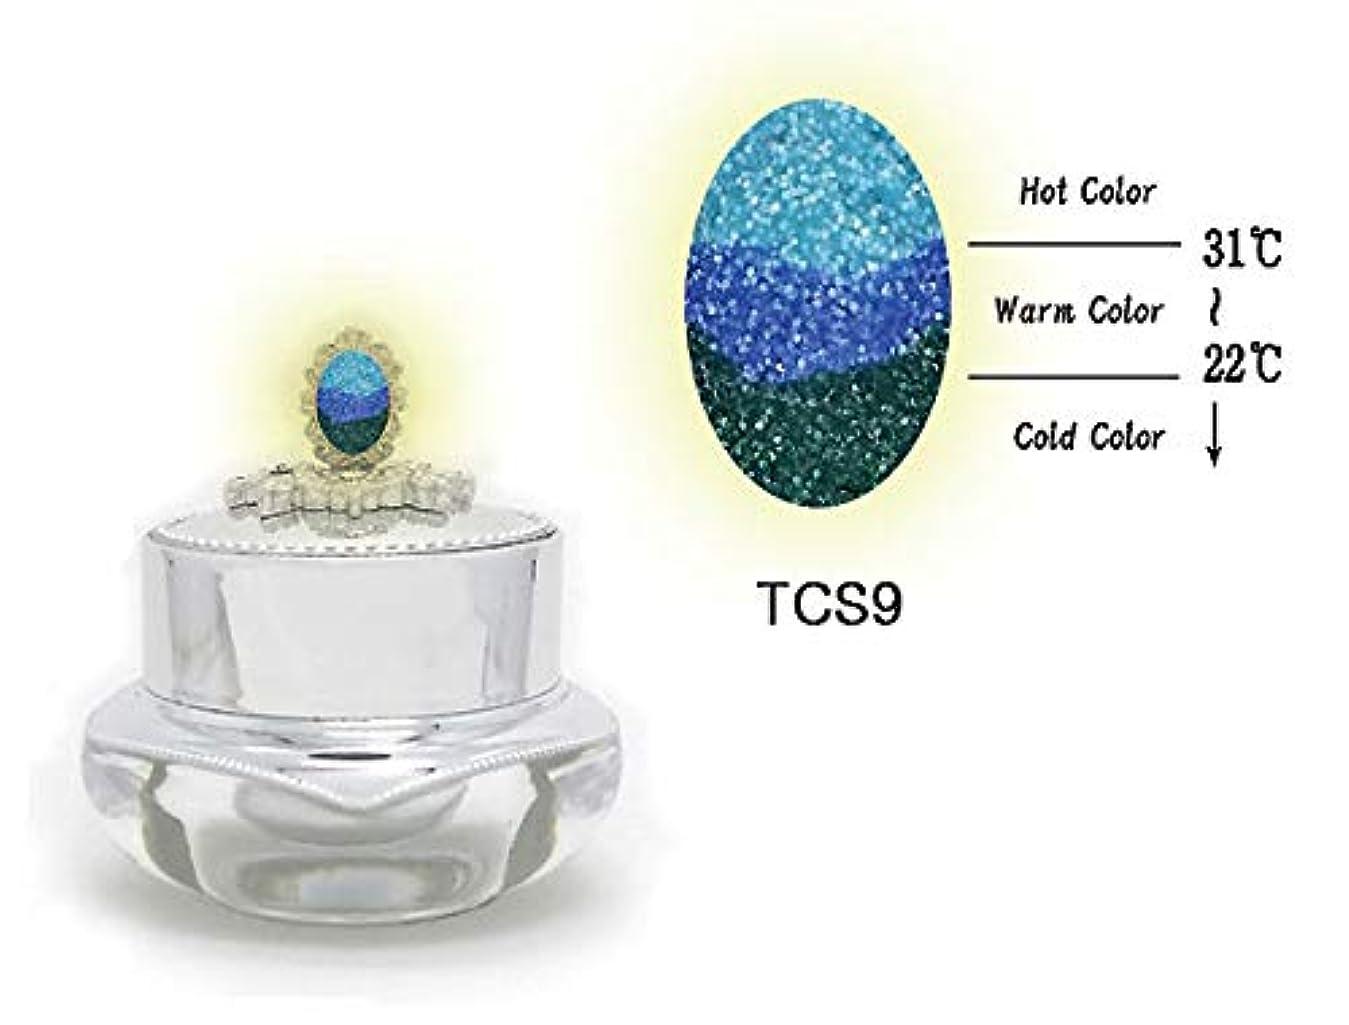 怠防腐剤要件KENZICO (ケンジコ) Triple Sugar Gel一般用3g 【TCS9】 3つの色に変わる夜光ジェル トリプルシュガージェル